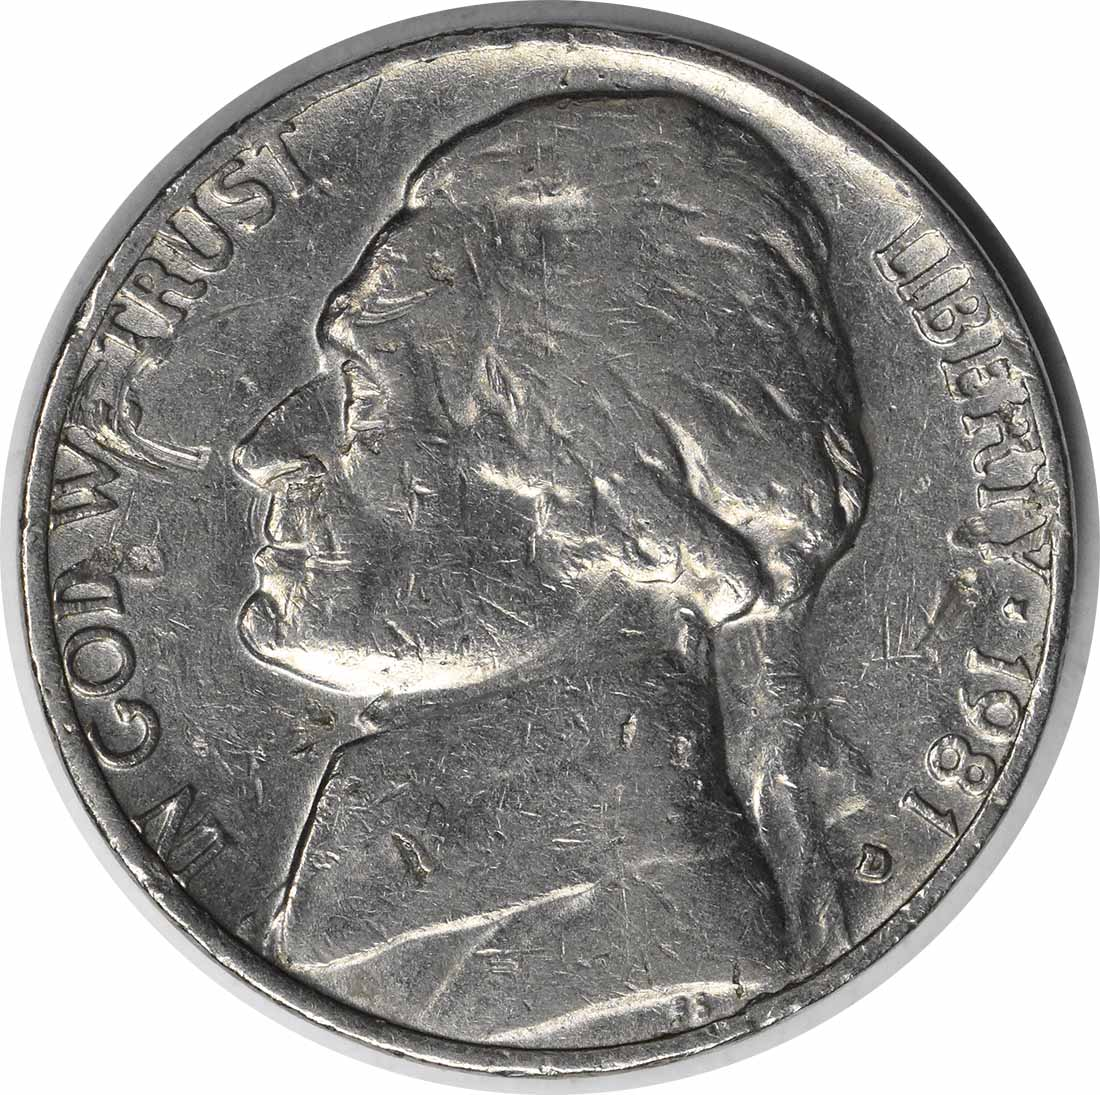 1981-D/D Jefferson Nickel RPM 1 EF Uncertified